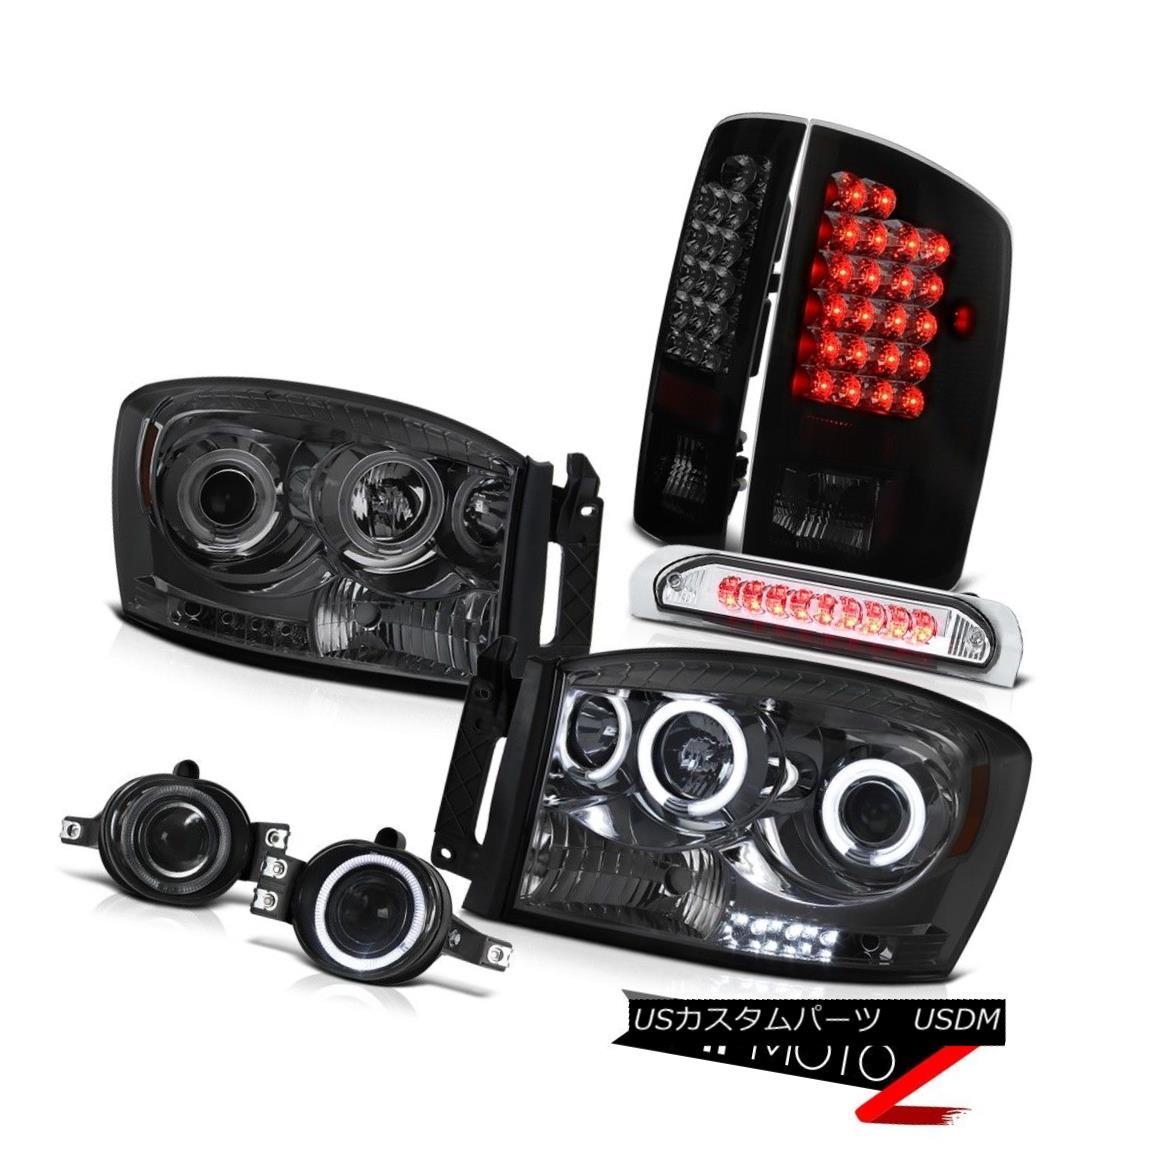 ヘッドライト [Beast Mode] 06 Ram Tinted CCFL Halo Headlight+LED Tail+3rd Brake+Fog Lamps L+R [ビーストモード] 06 Ram Tinted CCFL Haloヘッドライト+ LEDテール+第3ブレーキ+フォグランプL + R